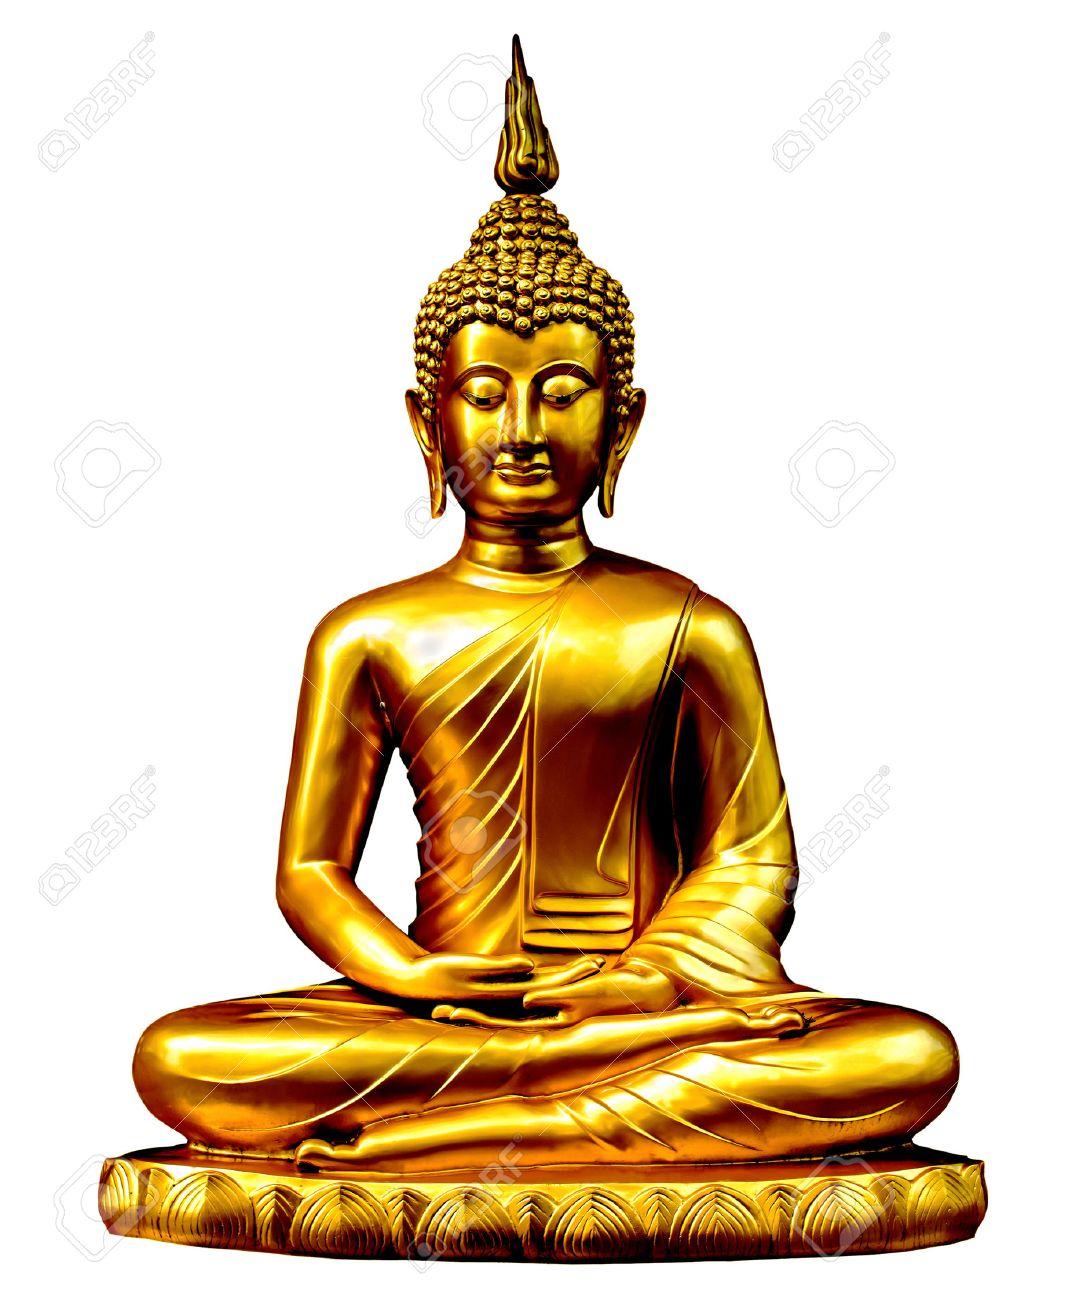 Exceptionnel Statua Di Buddha D'oro Su Fondo Bianco. Foto Royalty Free  CP47